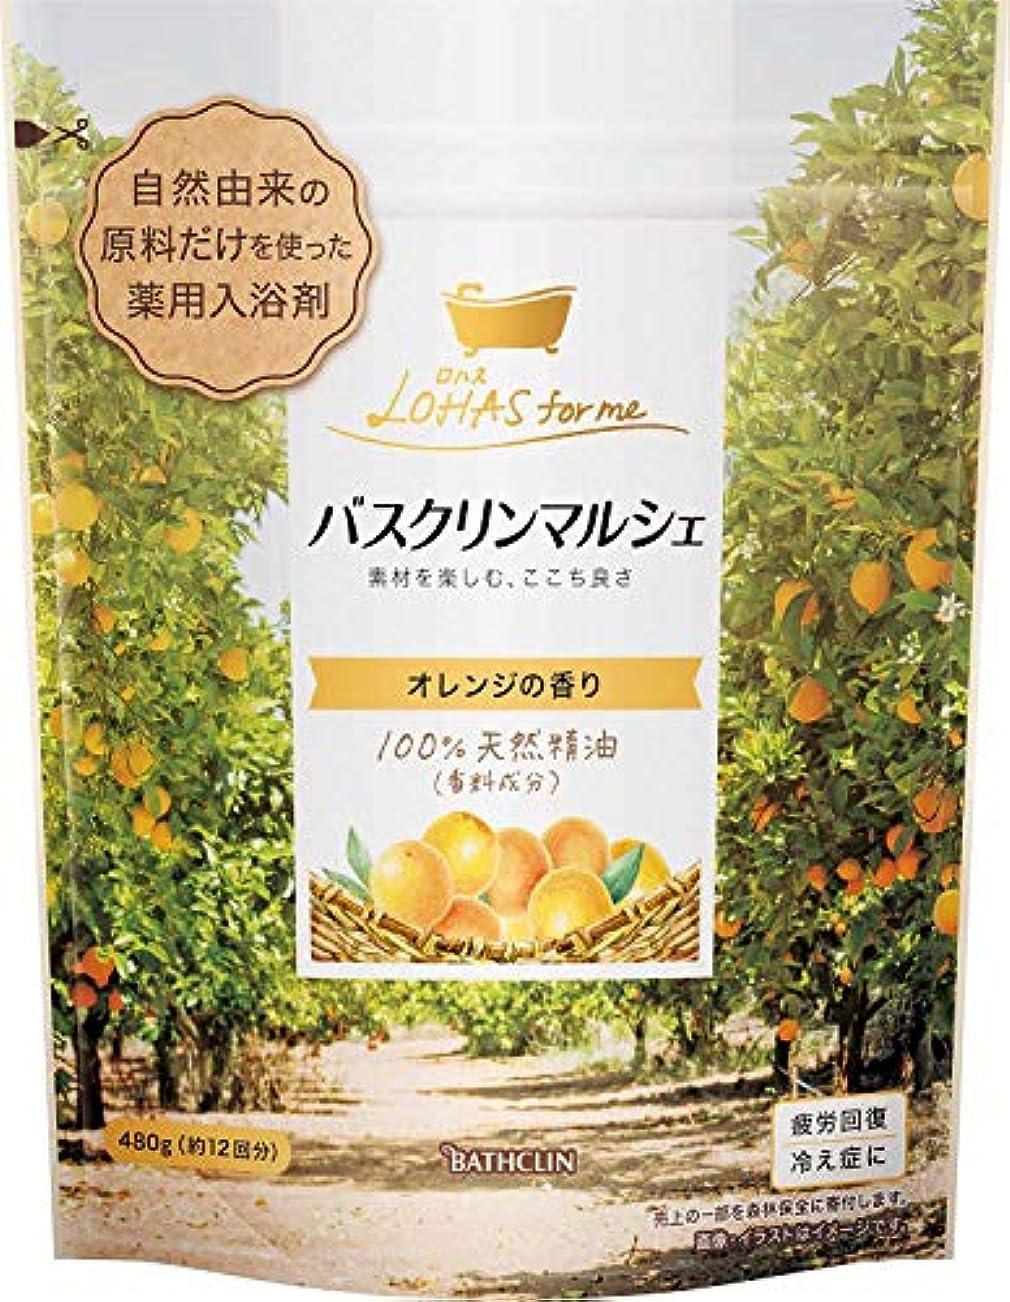 私たち自身杖代わりの【医薬部外品/合成香料無添加】バスクリンマルシェ入浴剤 オレンジの香り480g 自然派ほのかなやさしい香り